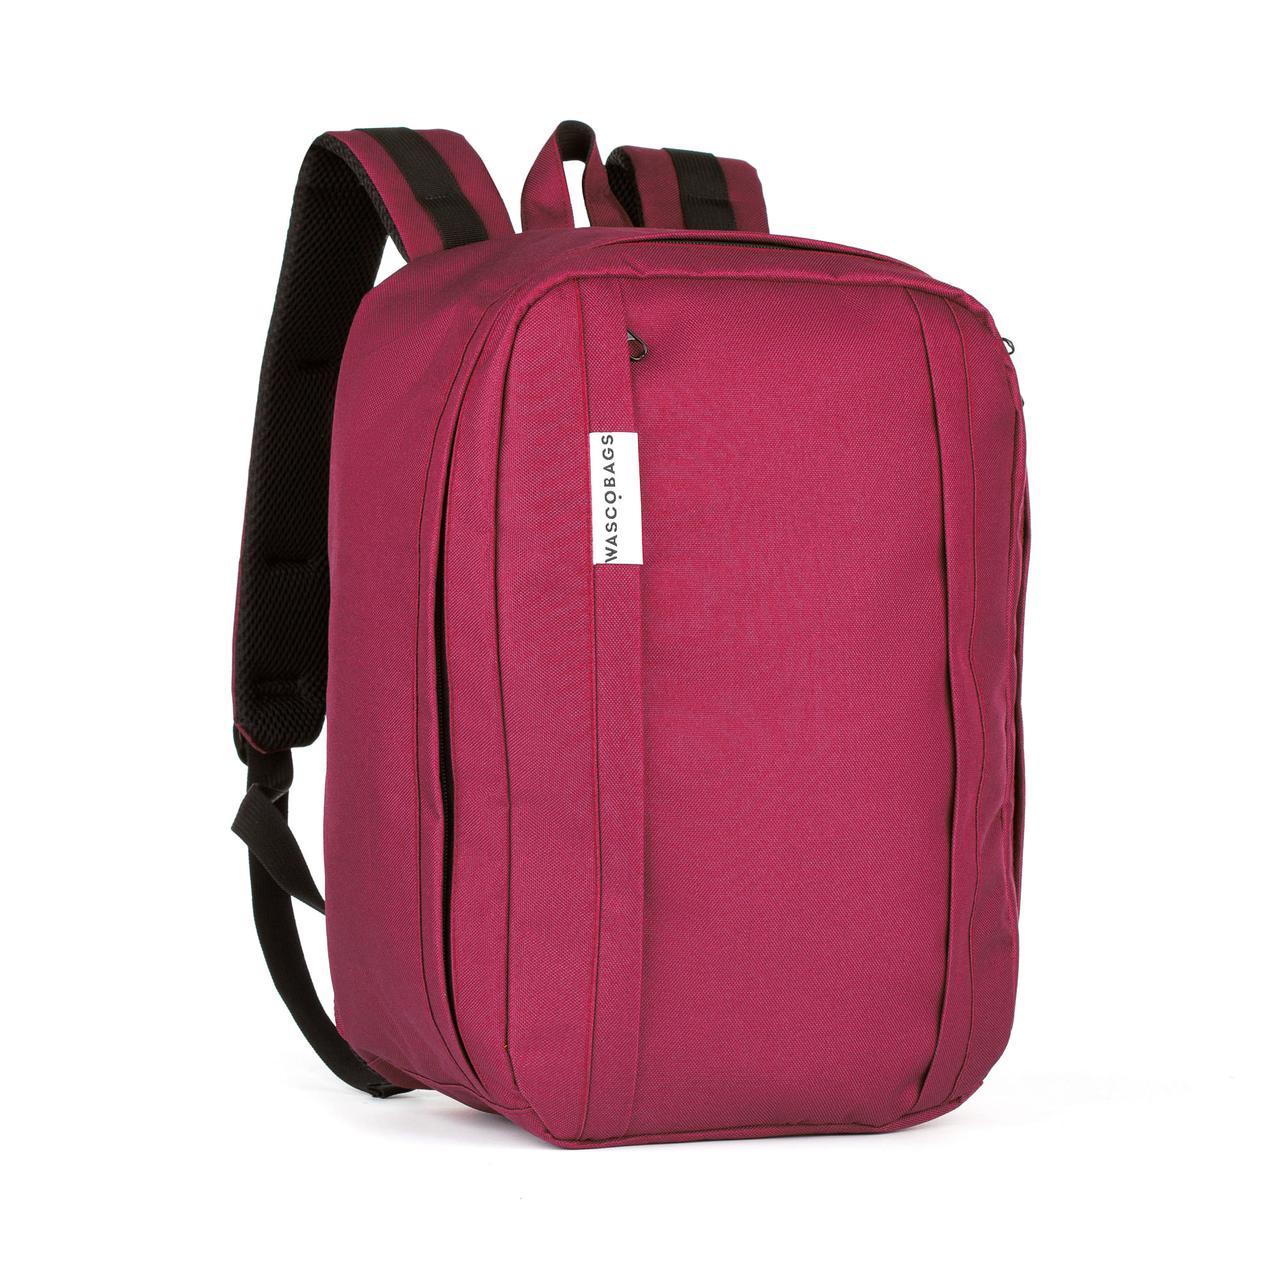 Рюкзак для ручной клади Wascobags 40x30x20 WZ Вишня